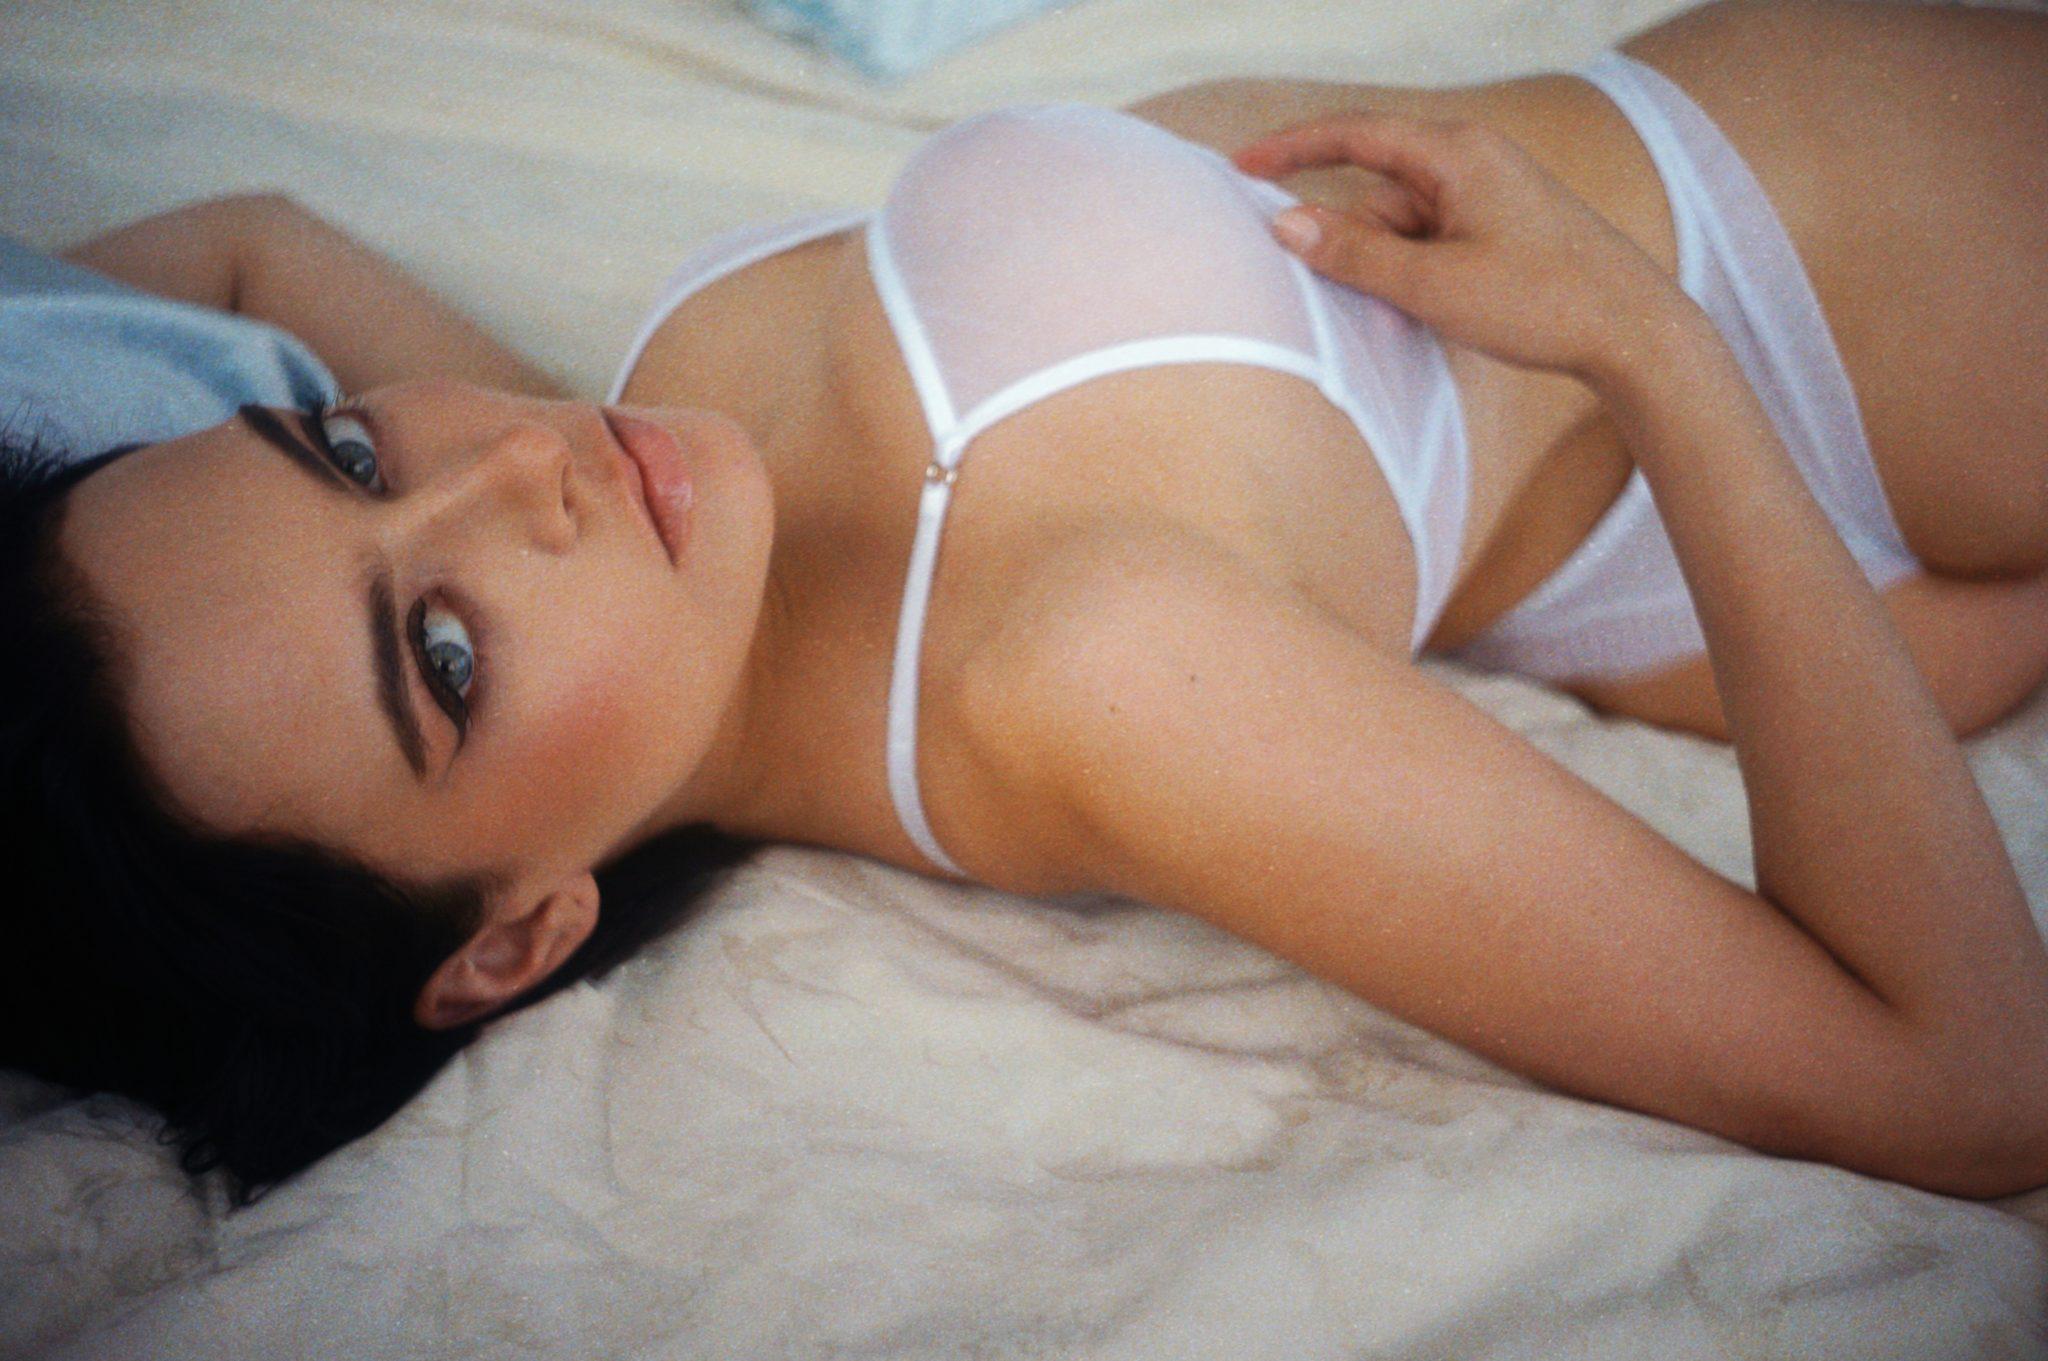 Сексуальное белье для свиданий аппарат для кавитации и вакуумного массажа